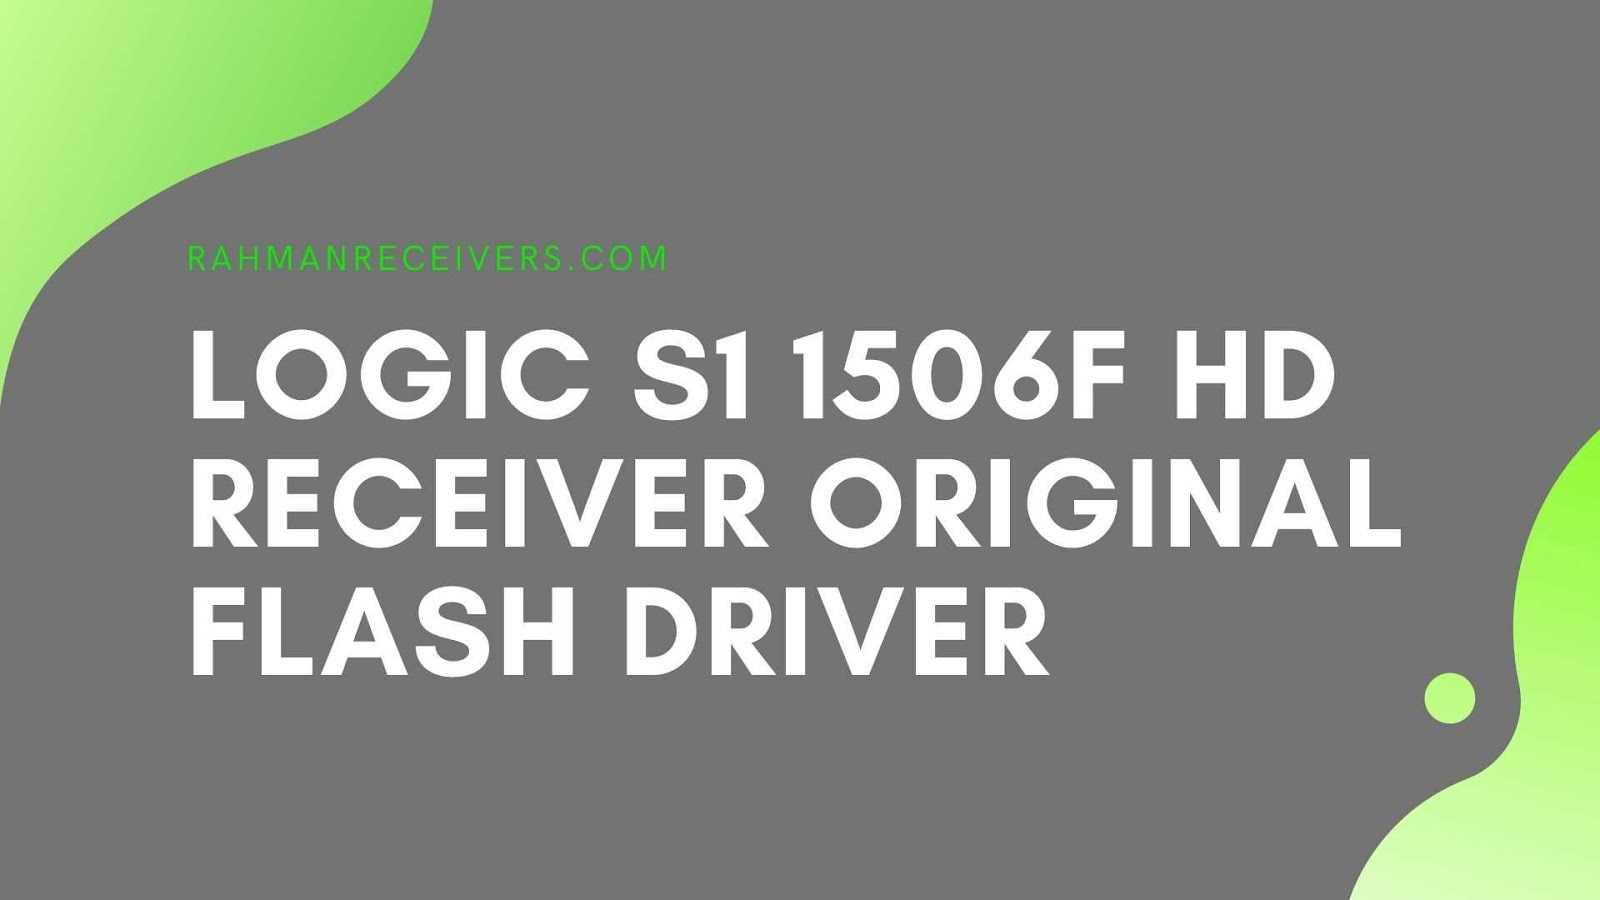 LOGIC S1 1506F HD RECEIVER ORIGINAL FLASH DRIVER